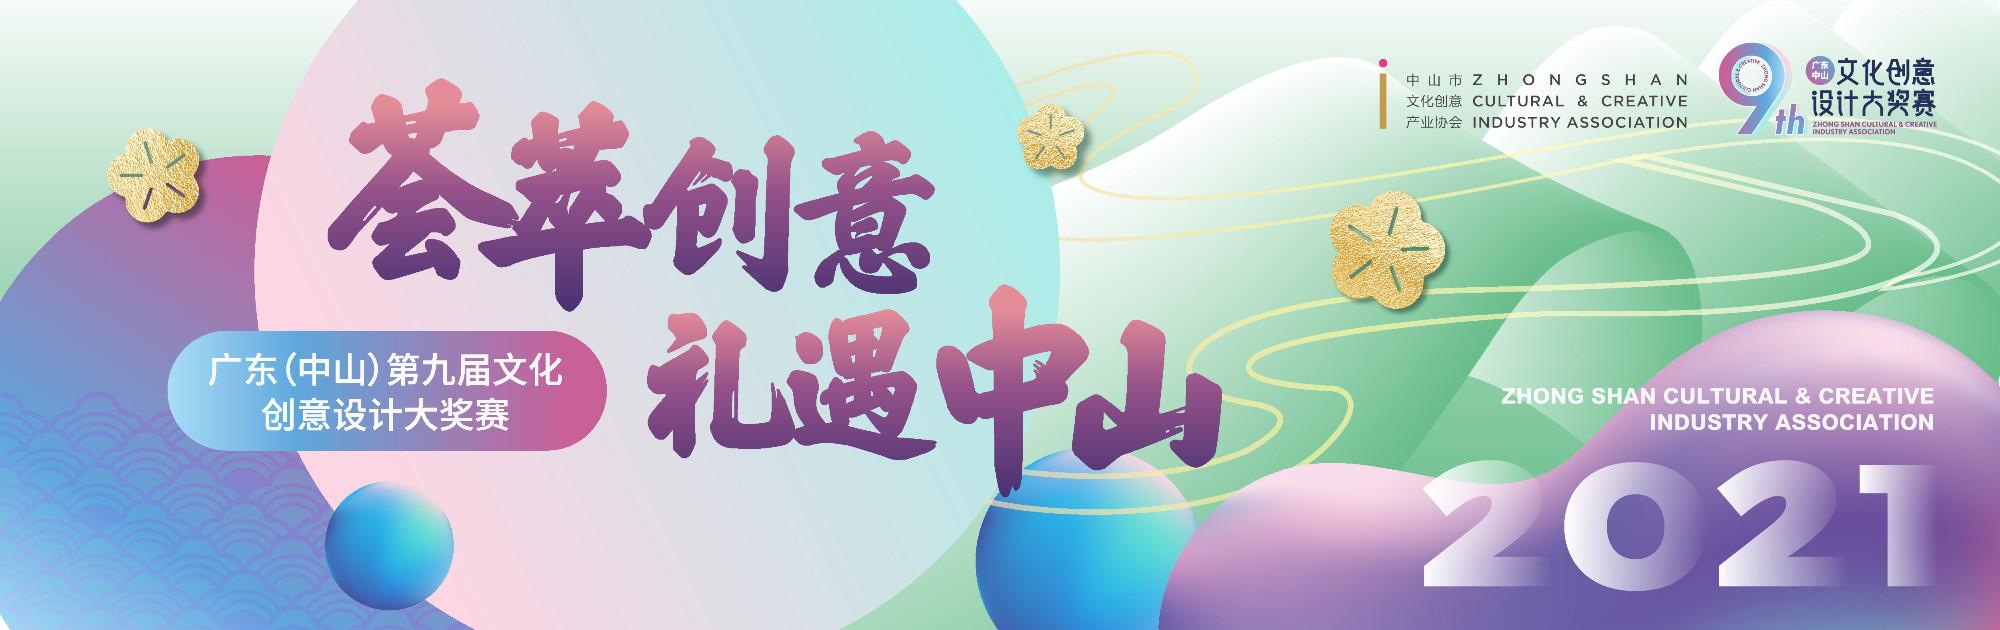 广东(中山)第九届文化创意设计大奖赛启动仪式邀请